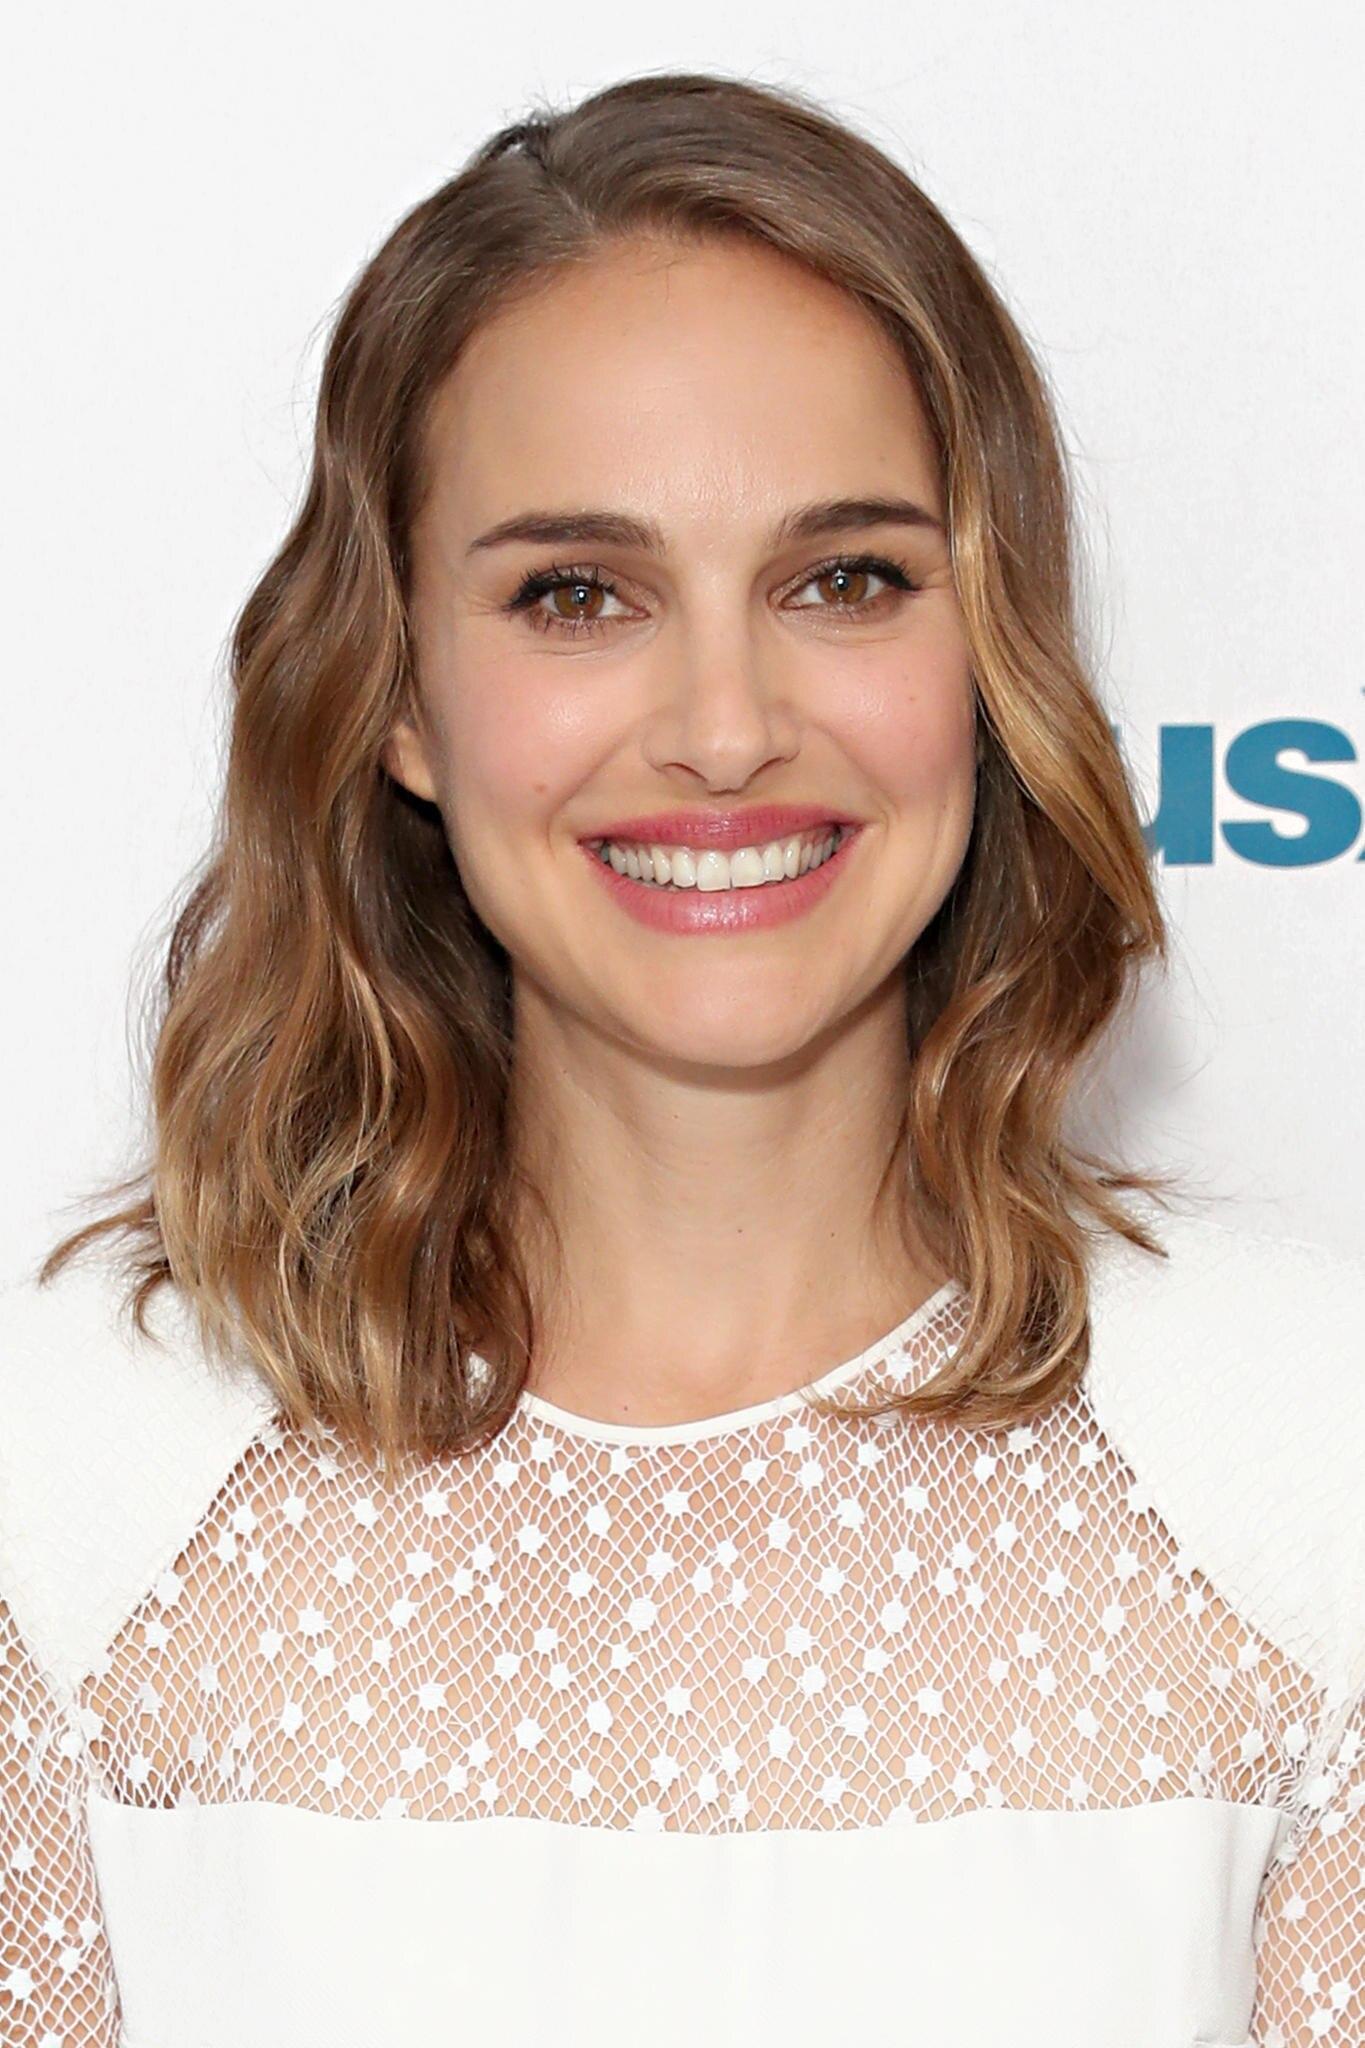 """""""Wir müssen nicht unser ganzes Leben ändern, nur einige Dinge im Alltag"""", sagt Natalie Portman."""